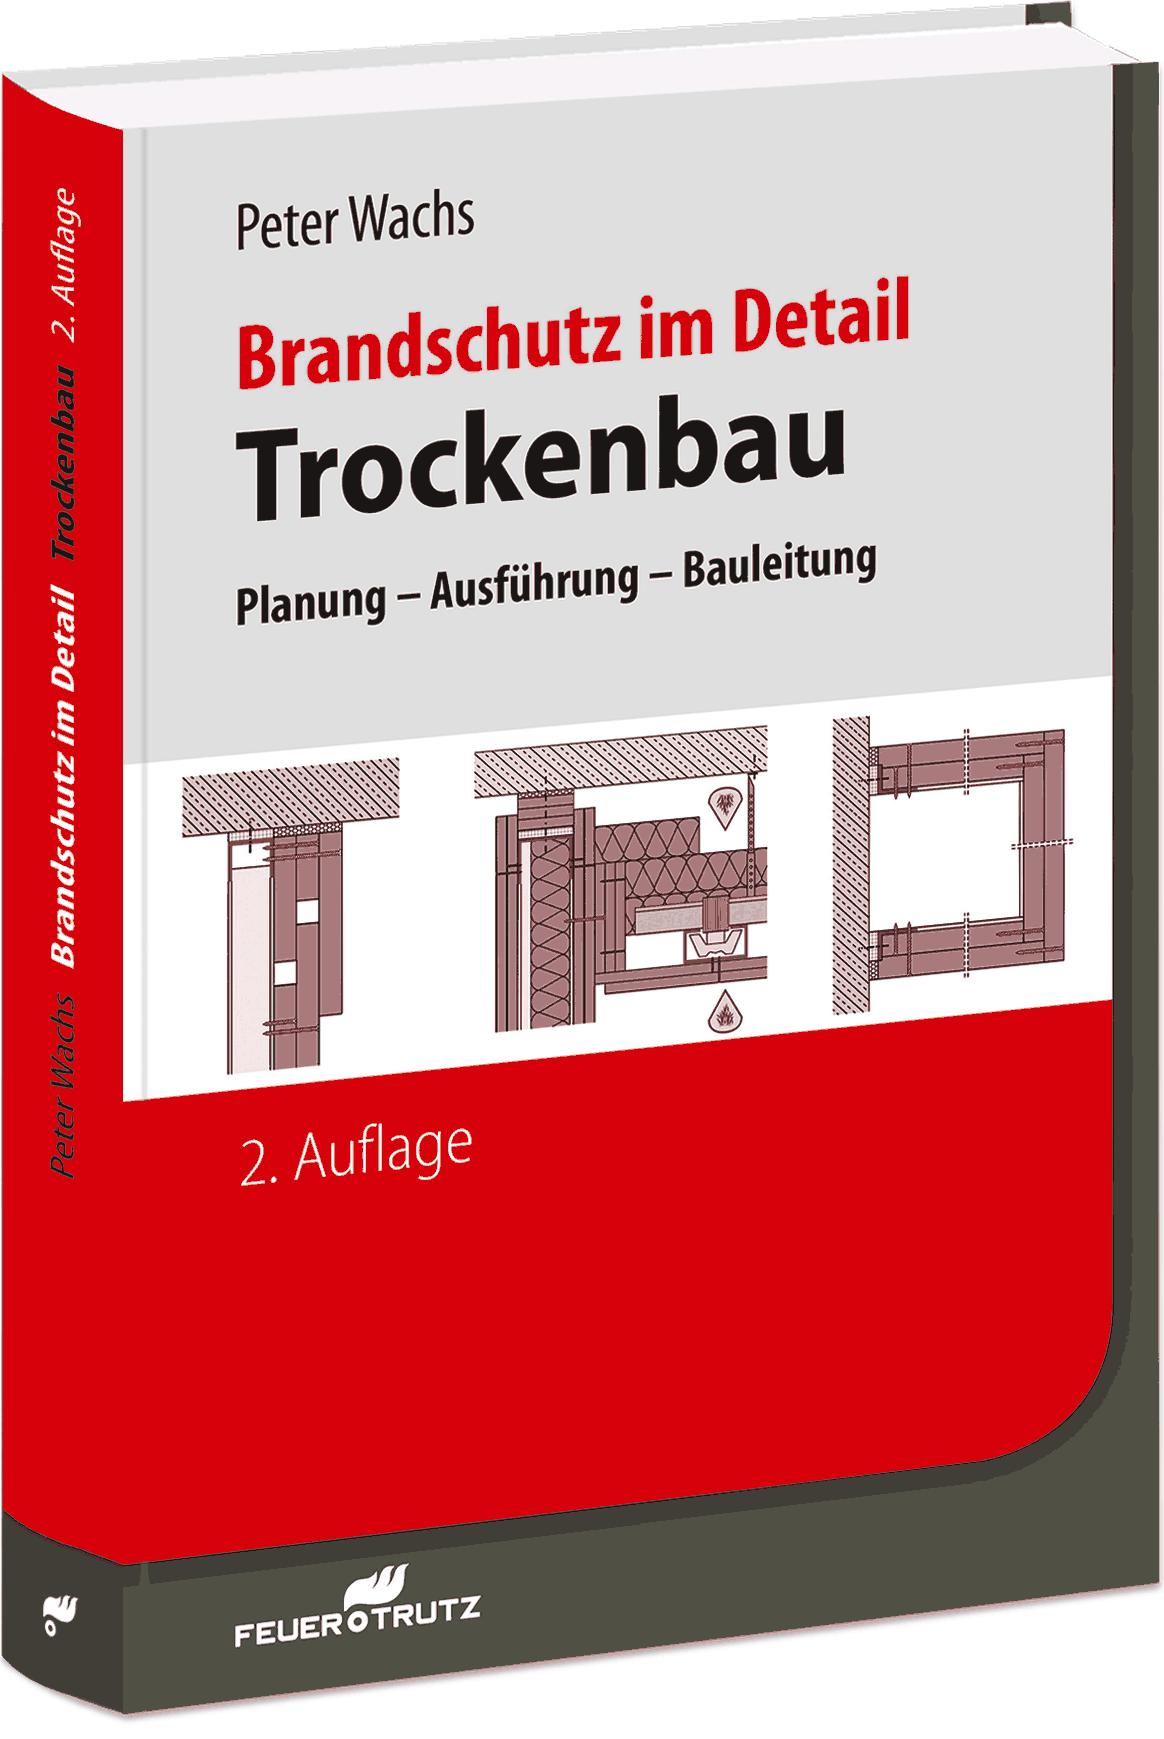 Auf 480 Seiten: Brandschutz im Detail - Trockenbau